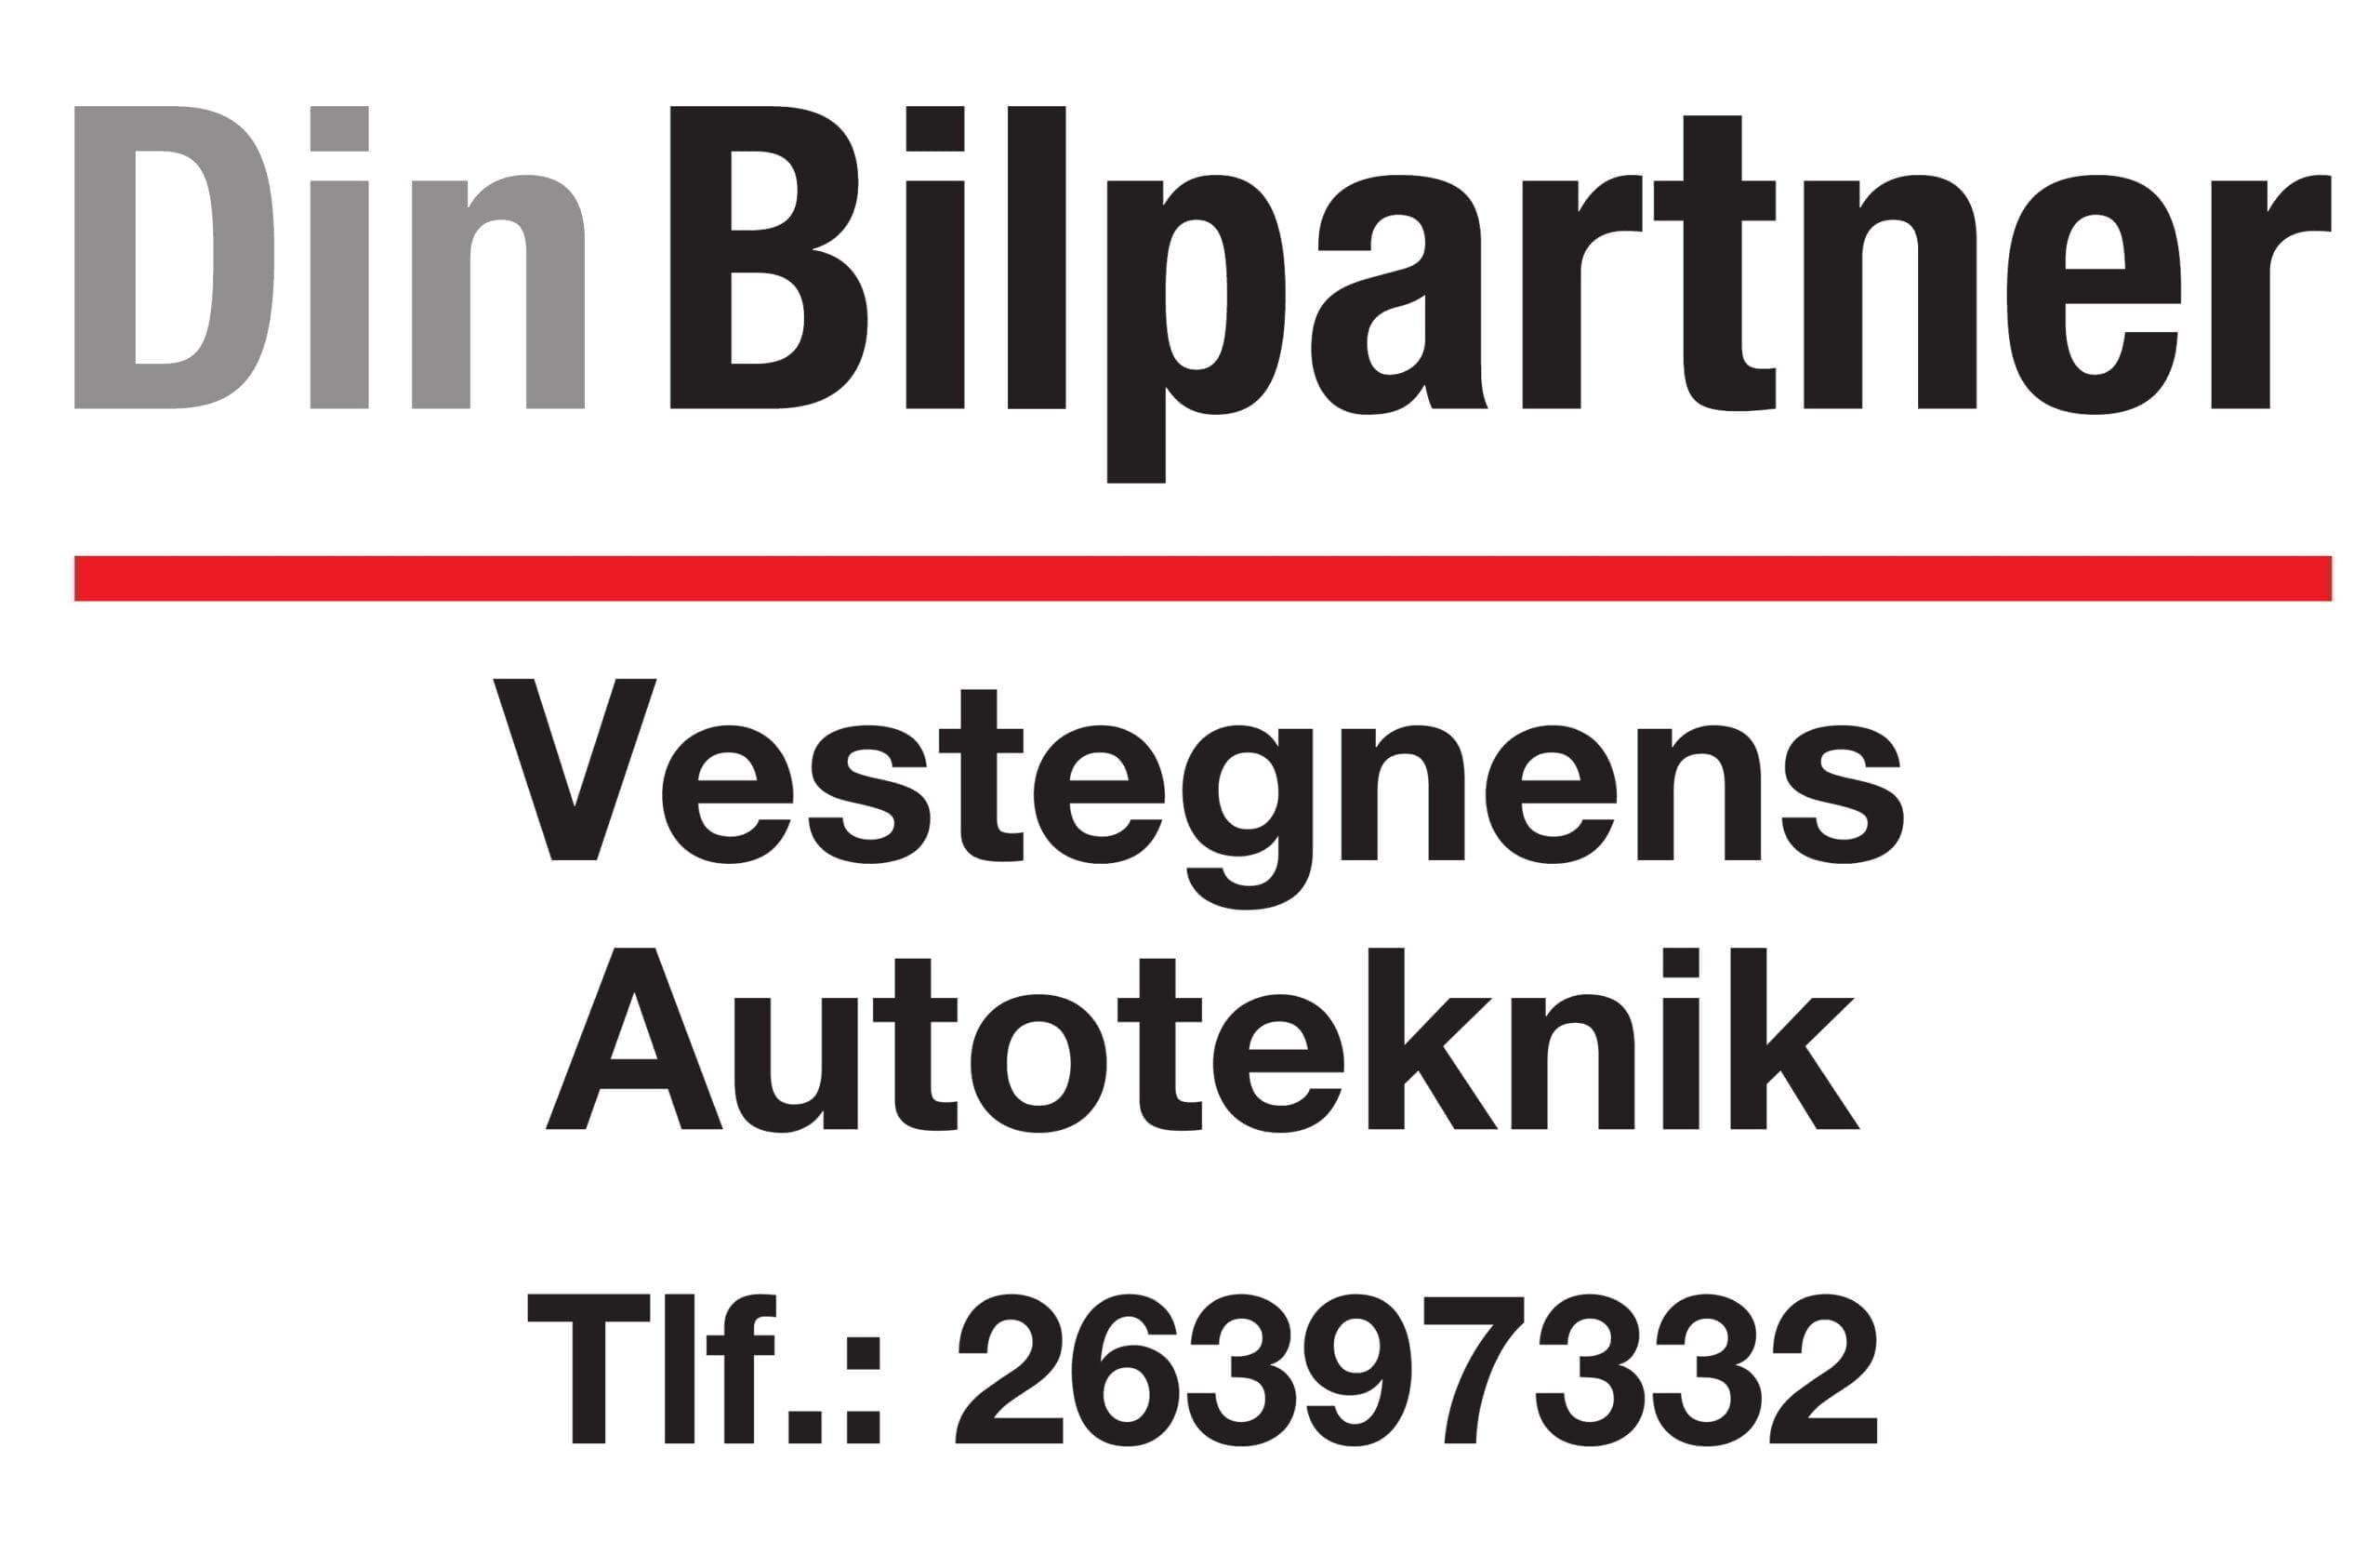 Din Bilpartner Vestegnens Autoteknik